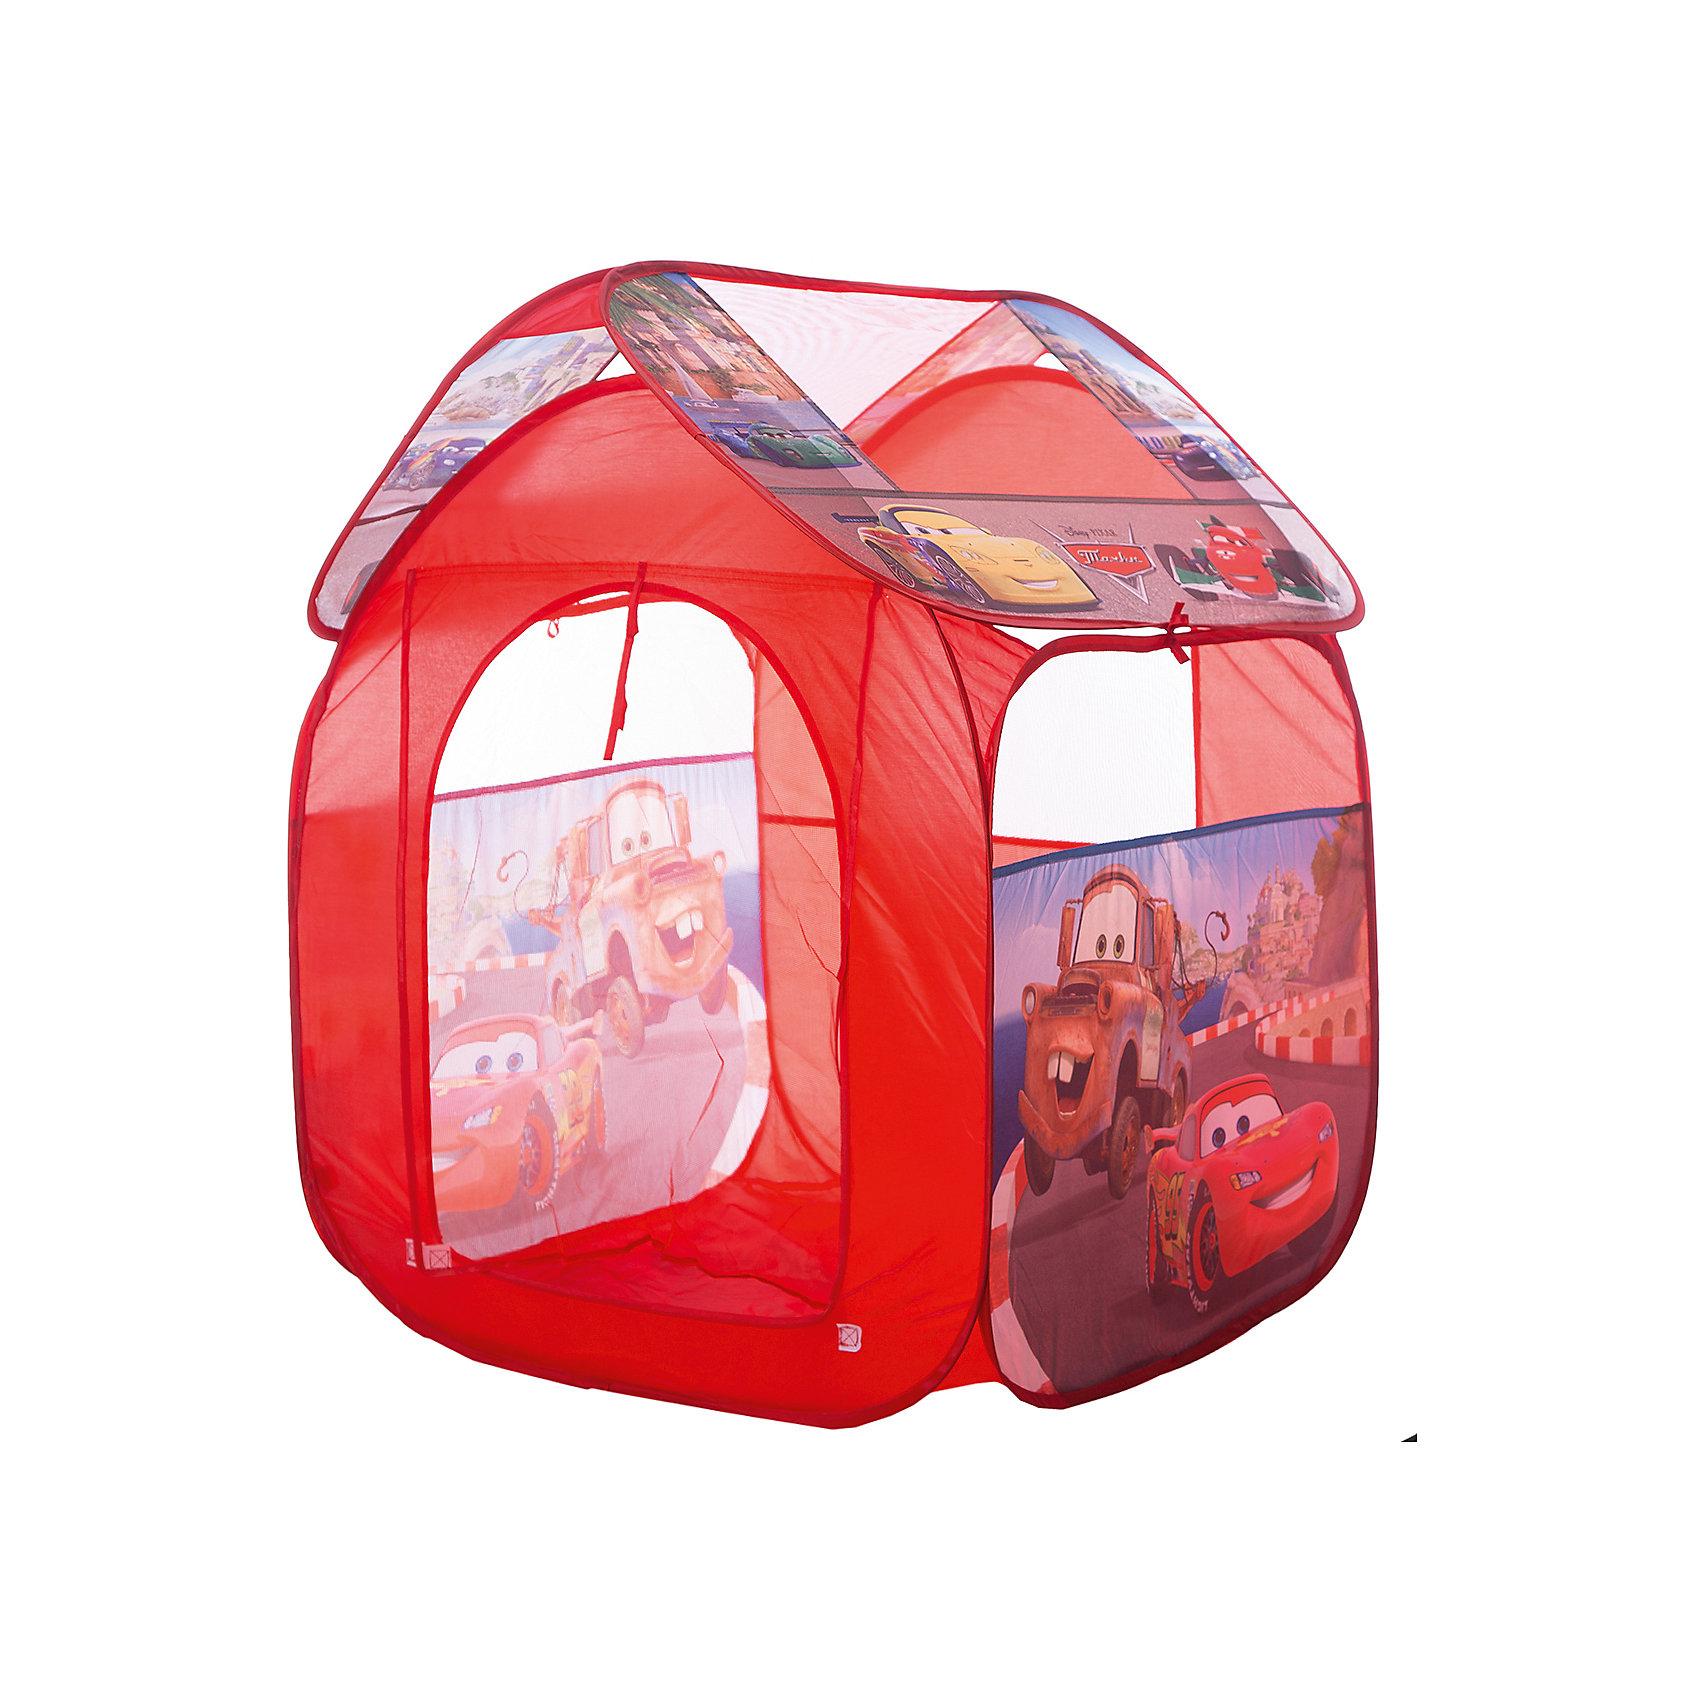 Детская игровая палатка Тачки 2, Играем ВместеИгровые центры<br>Палатка игровая Тачки 2 Играем вместе - отличный подарок для  мальчишек! Детская игровая палатка Тачки 2 подарит Вашему ребенку множество увлекательных часов игры. Послужит отличной игрушкой как дома, так и на свежем воздухе в теплое время: варианты игры могут быть ограничены лишь фантазией ребенка. Мобильная и качественная, палатка легко складывается для хранения и транспортировки, самораскладывающийся каркас-спираль позволяет без труда собирать и разбирать ее. Окна выполнены из сетчатого материала, дверь палатки на липучке. Выполненная из прочного, влагостойкого материала, она к тому же очень легкая и компактная. В ней можно отдыхать, прятаться, защищаться от солнца и дождика!<br><br>Дополнительная информация:<br><br>- Понравится любителям мультфильма Тачки 2 (Cars);<br>- Подходит для игры в помещении и на улице в летнее время;<br>- Палатку легко собрать и разобрать;<br>- Есть окошки с сеткой для притока воздуха;<br>- Влагостойкий материал;<br>- Упакована в сумку с ручками для удобства переноски;<br>- Размер: 83 х 80 х 105 см;<br>- Вес: 750 г<br><br>Детскую игровую палатку Тачки 2, Играем Вместе можно купить в нашем интернет-магазине.<br><br>Ширина мм: 370<br>Глубина мм: 20<br>Высота мм: 370<br>Вес г: 750<br>Возраст от месяцев: 12<br>Возраст до месяцев: 48<br>Пол: Мужской<br>Возраст: Детский<br>SKU: 3687182